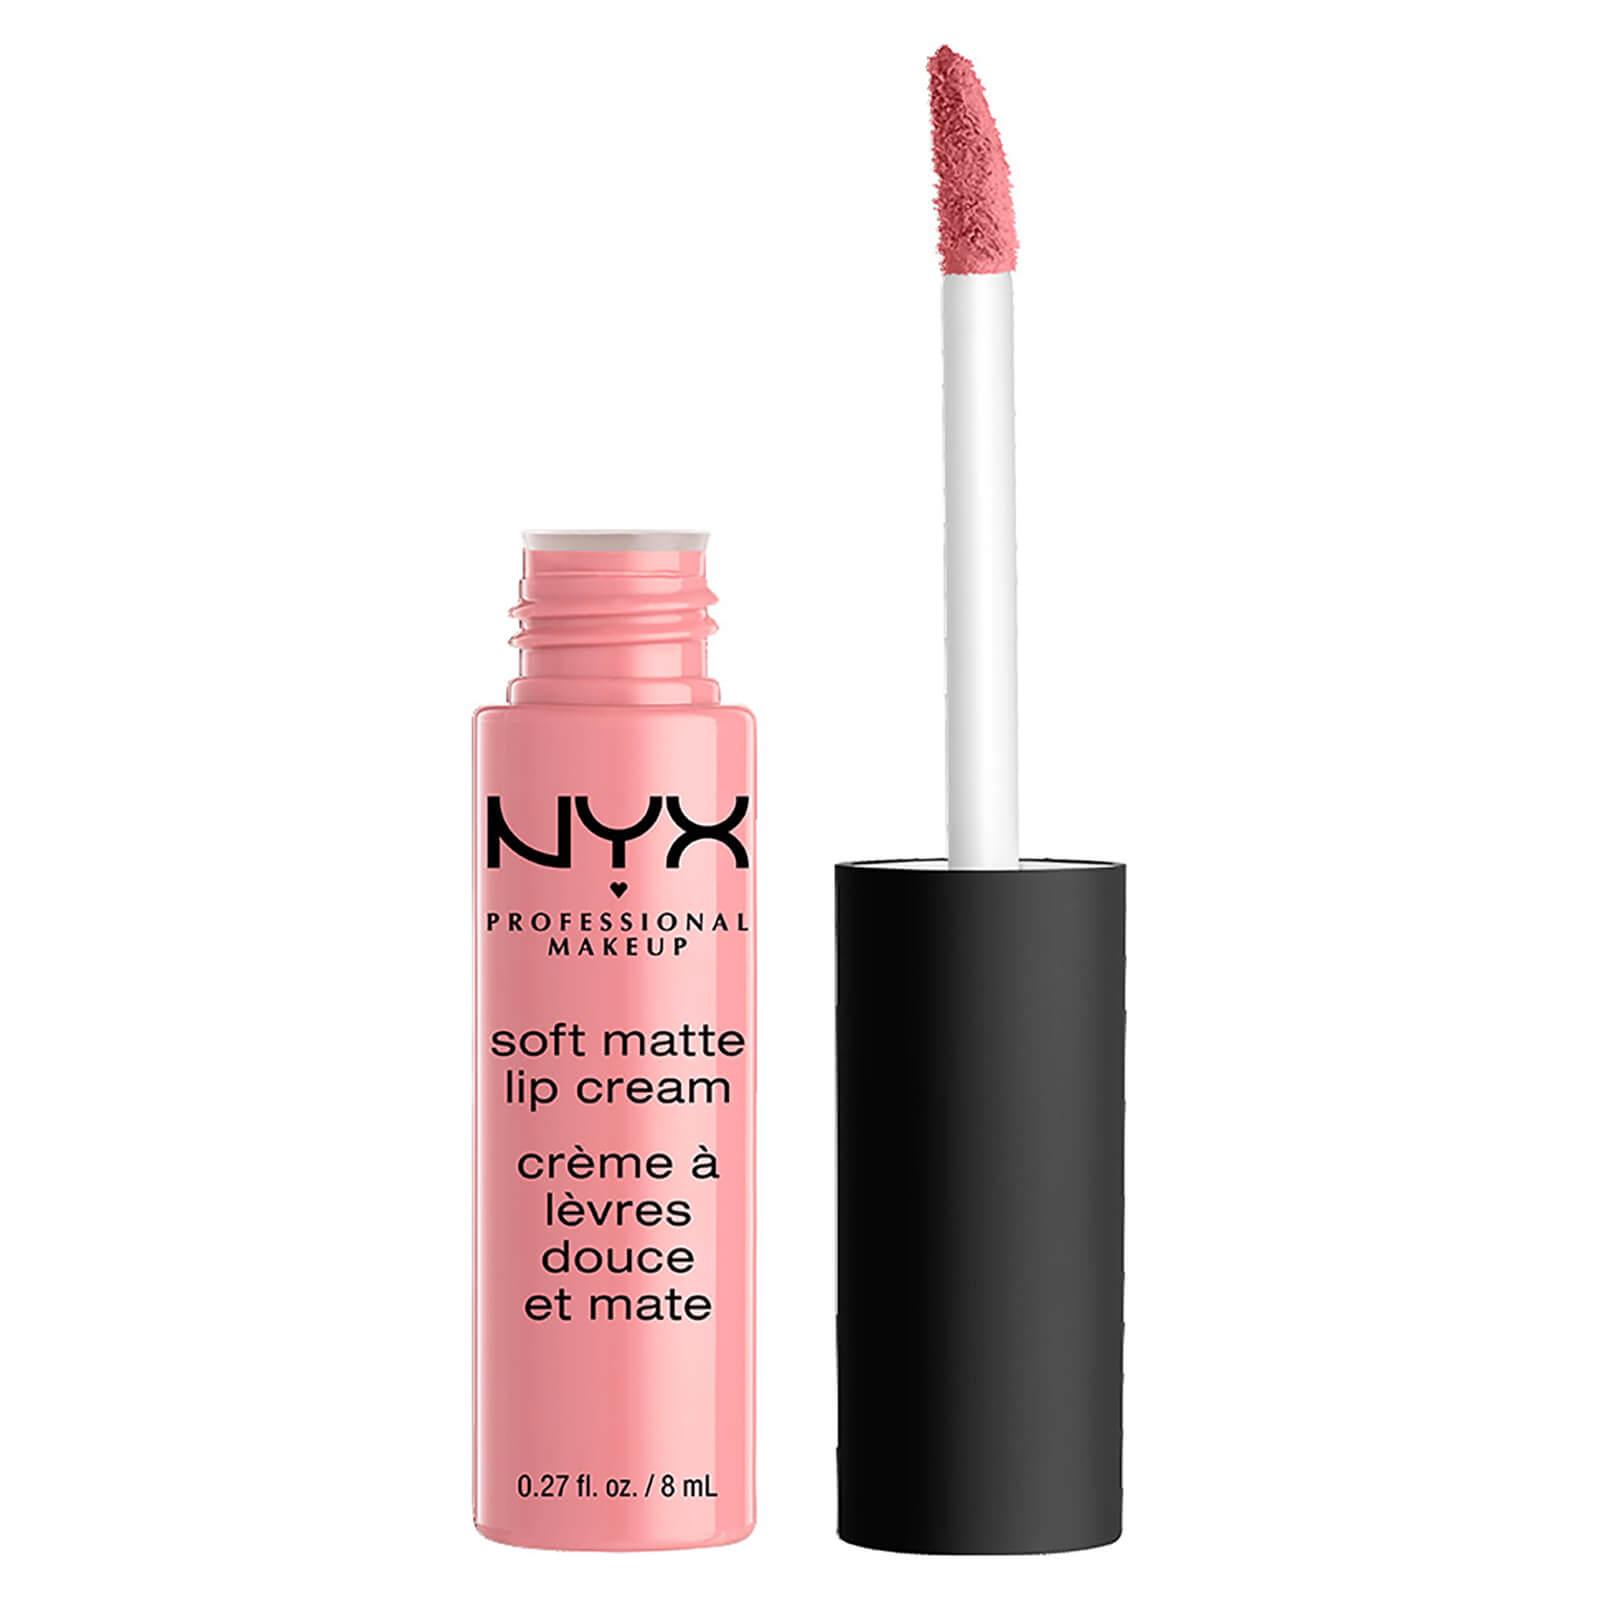 Купить Матовая жидкая помада NYX Professional Makeup Soft Matte Lip Cream (разные оттенки) - Istanbul